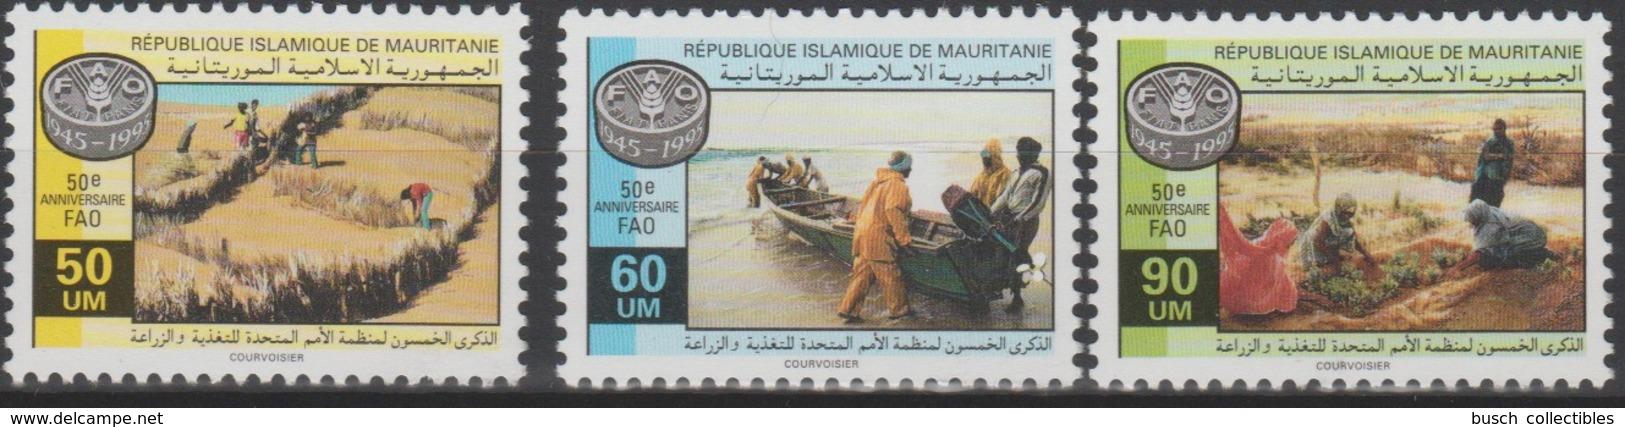 Mauritanie Mauretanien Mauritania 1995 Mi. 1029-1031 50e Anniversaire FAO 50th Anniversary Ernährung - Against Starve